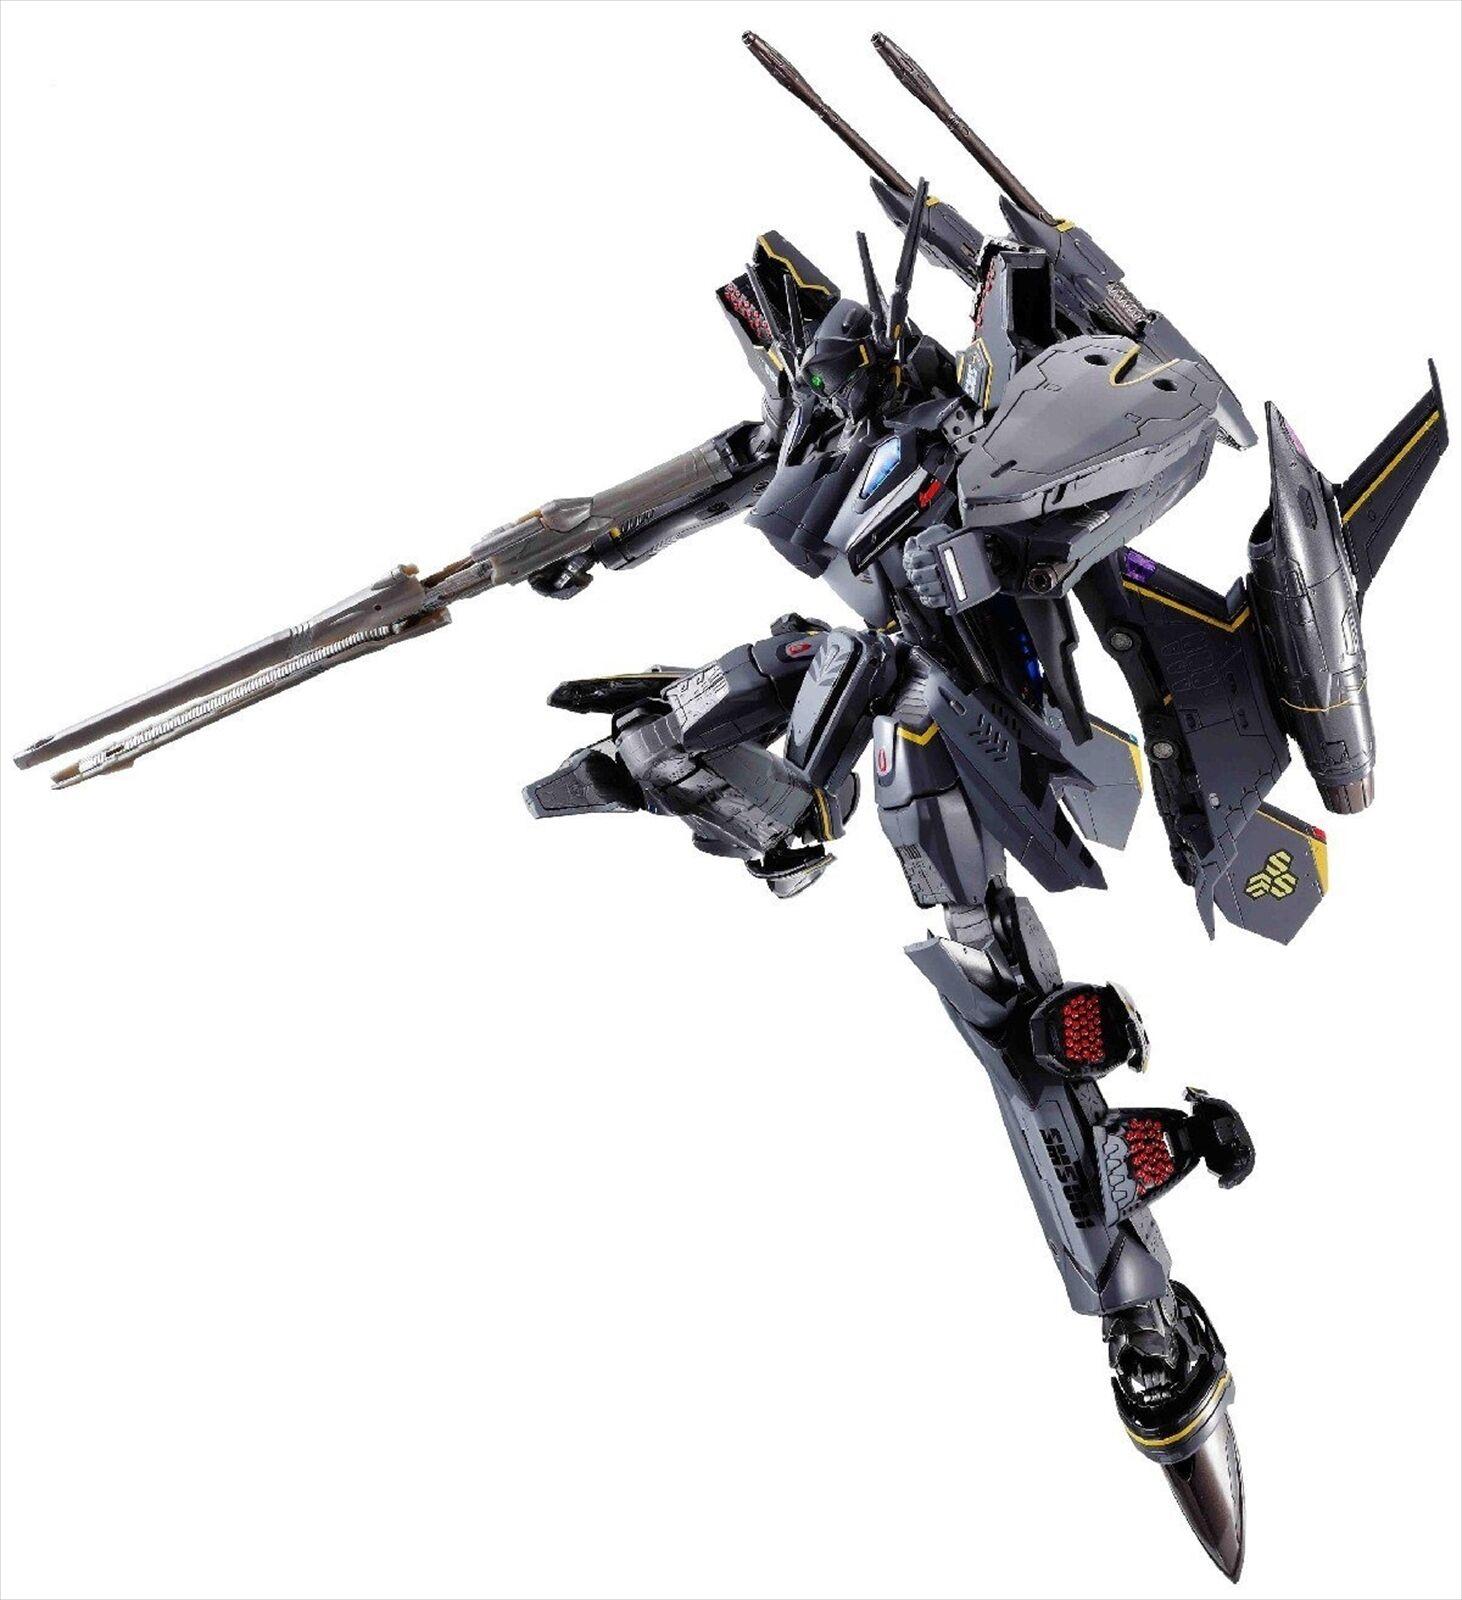 Bandai DX CHOGOKIN YF-29 Durandal Valkyrie Ozma figura Personalizada